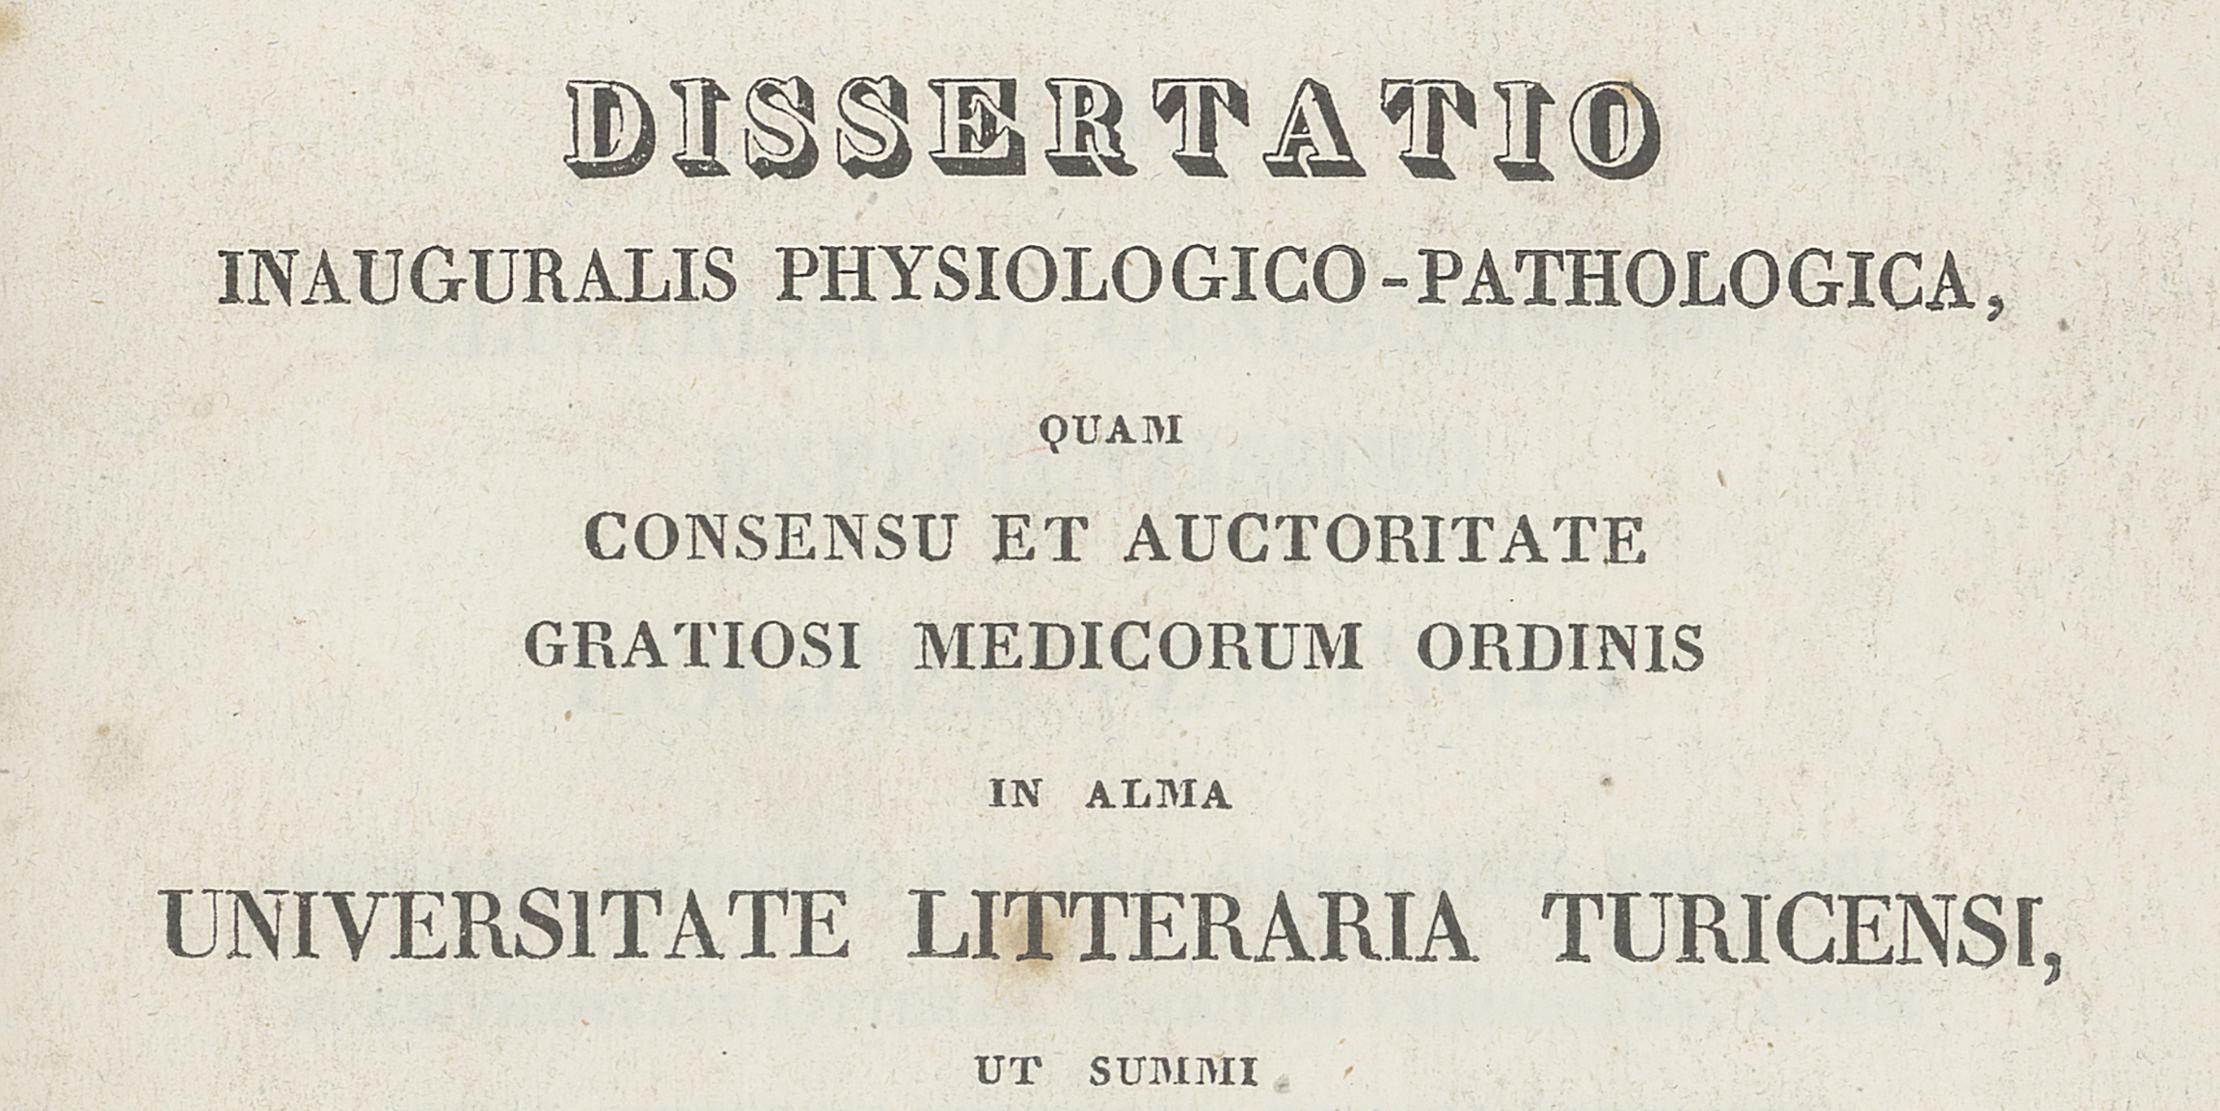 uzh dissertation philosophische fakultät